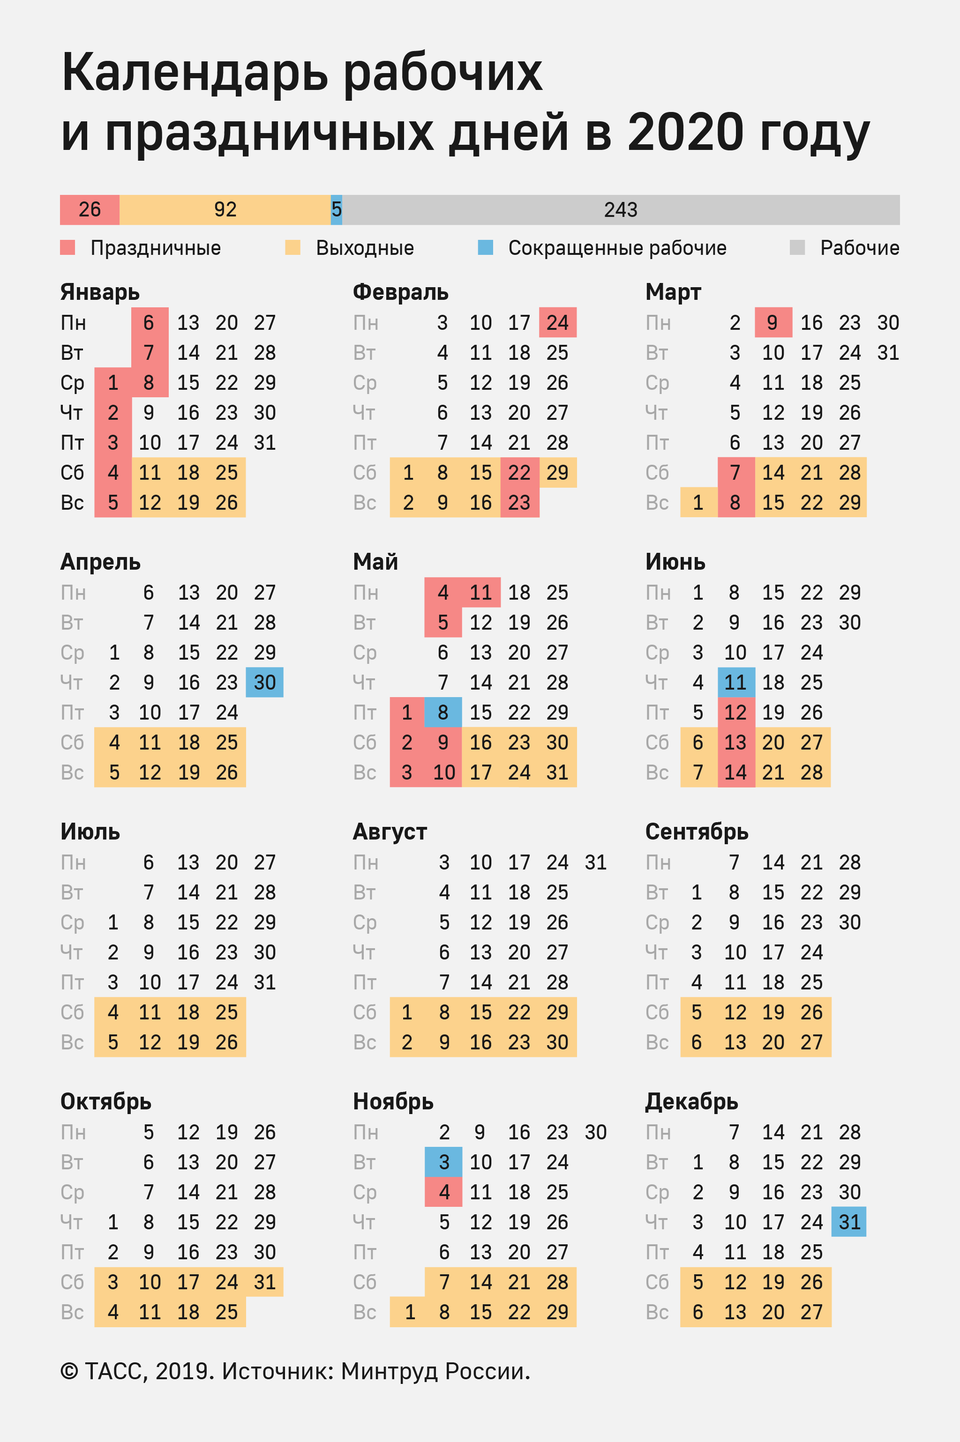 Календарь рабочих и праздничных дней в 2020 году